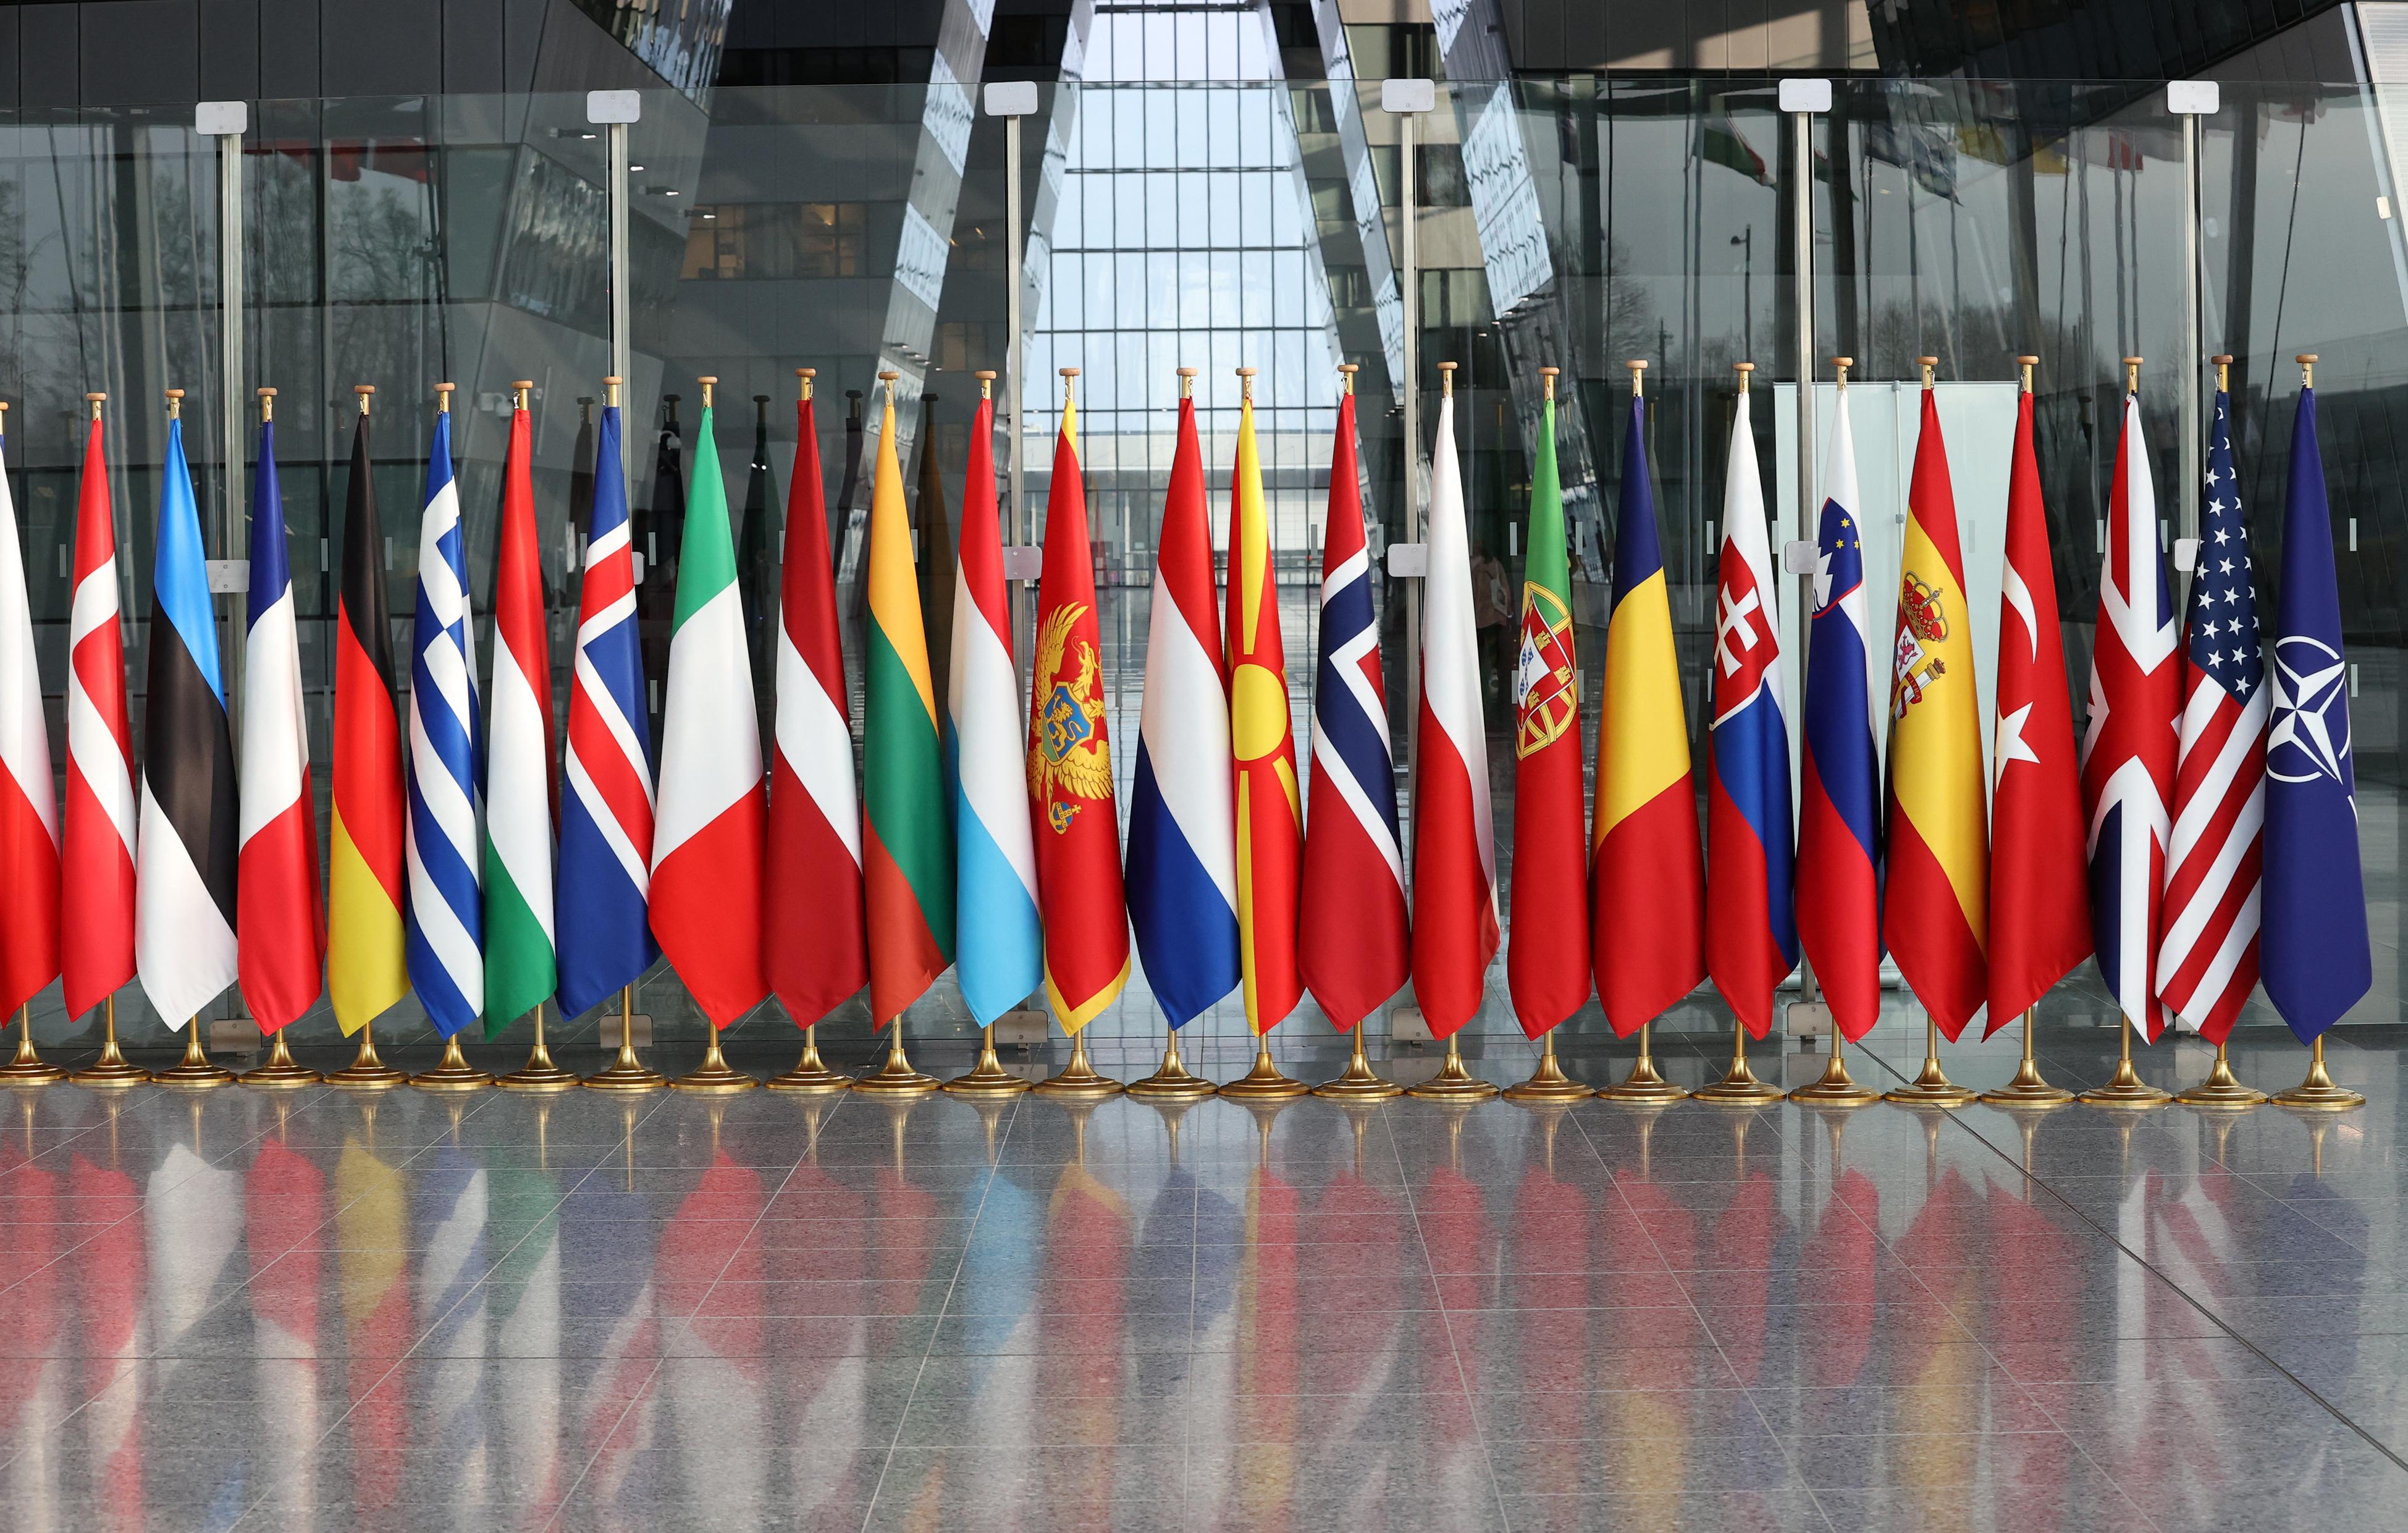 Peking válaszolt a NATO-nak: Rágalmazás, hogy Kína fenyegetést jelent a Nyugatra